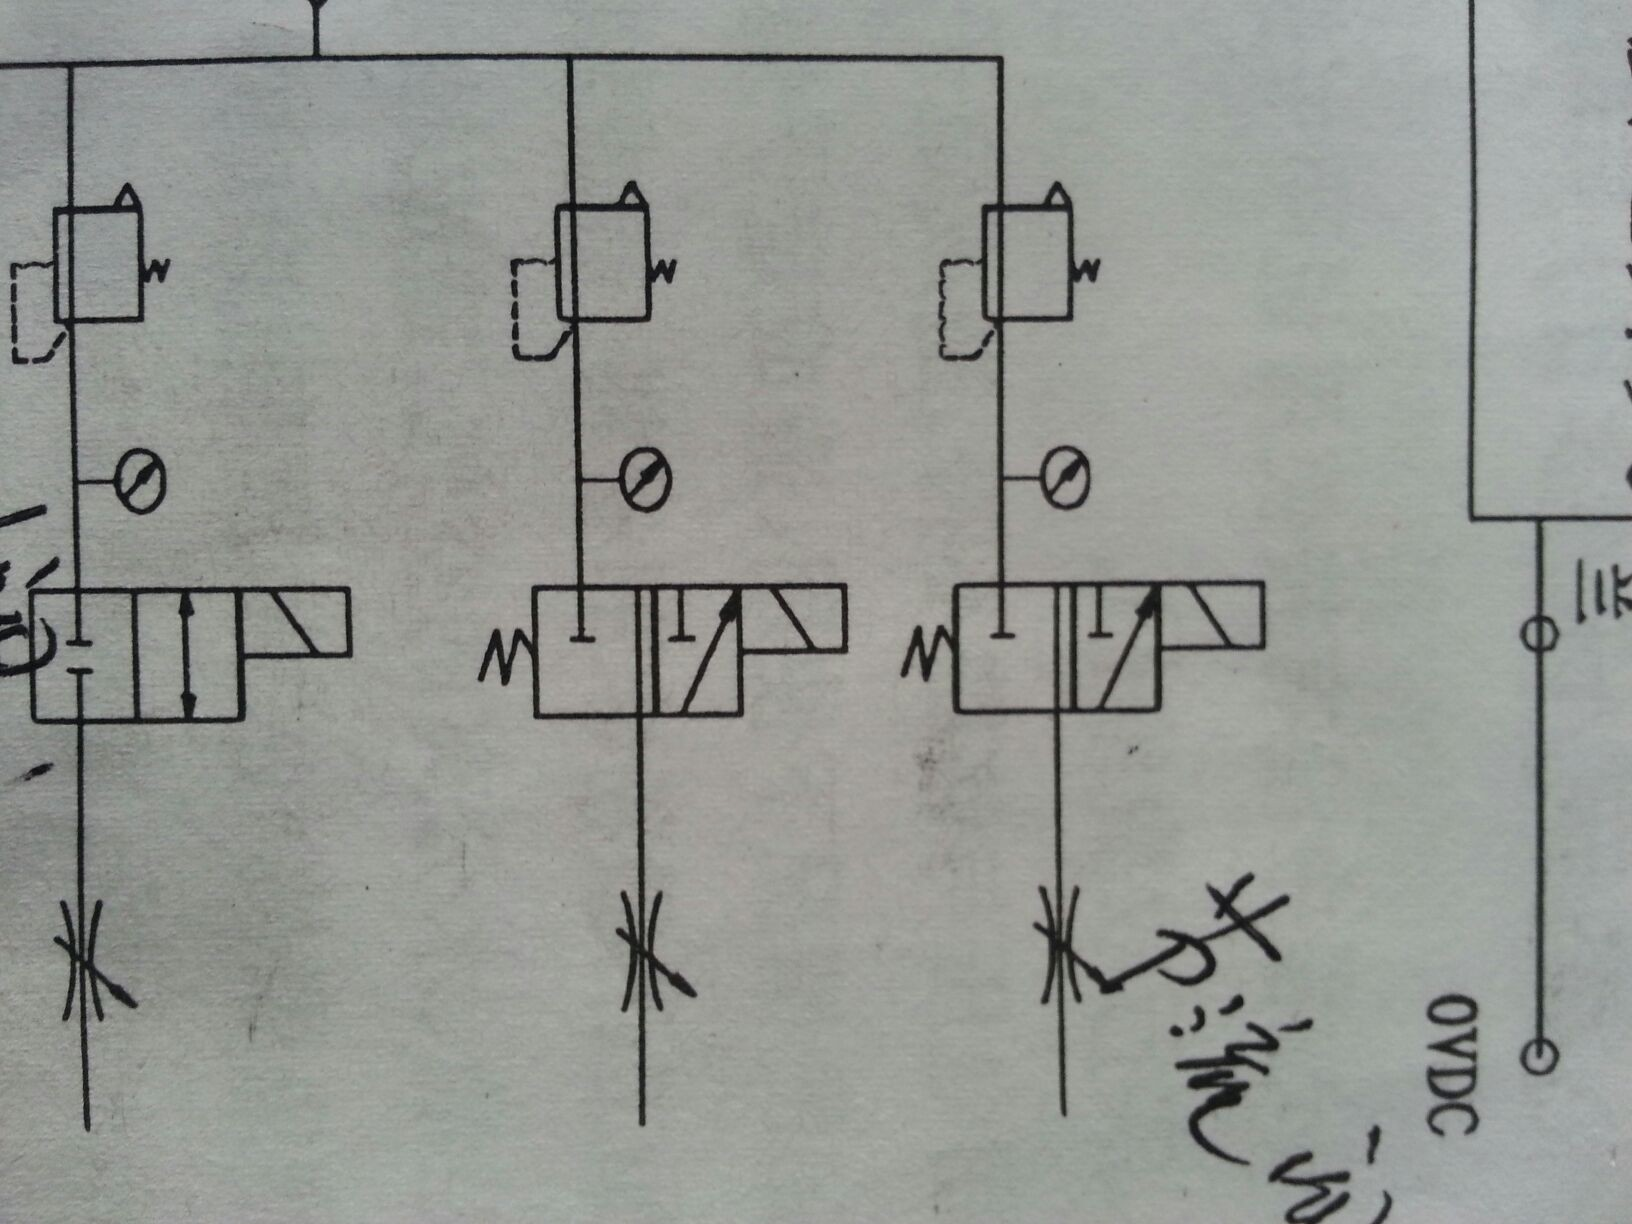 电磁阀符号是什么东东?图片